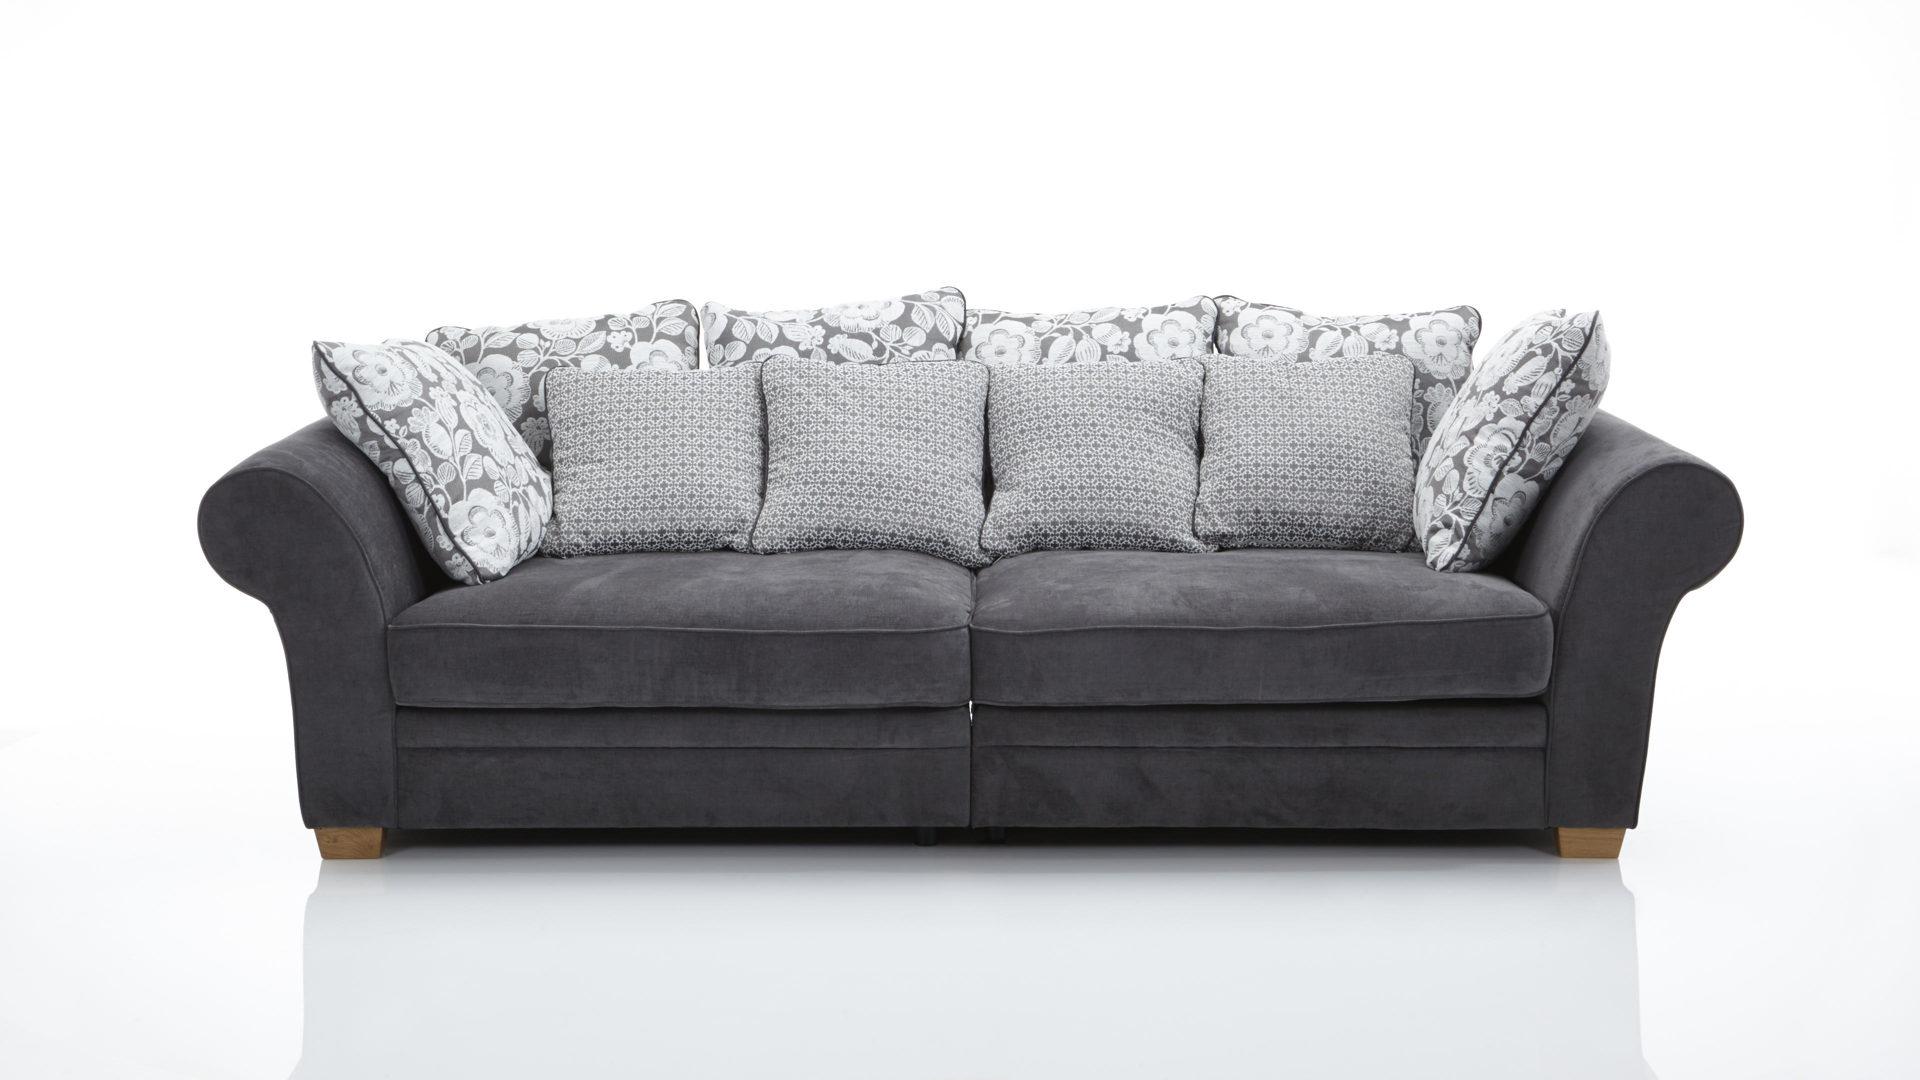 Big Sofa Federkern ~ Megasofa im landhausstil ein bigsofa mit federkern dunkelgrauer